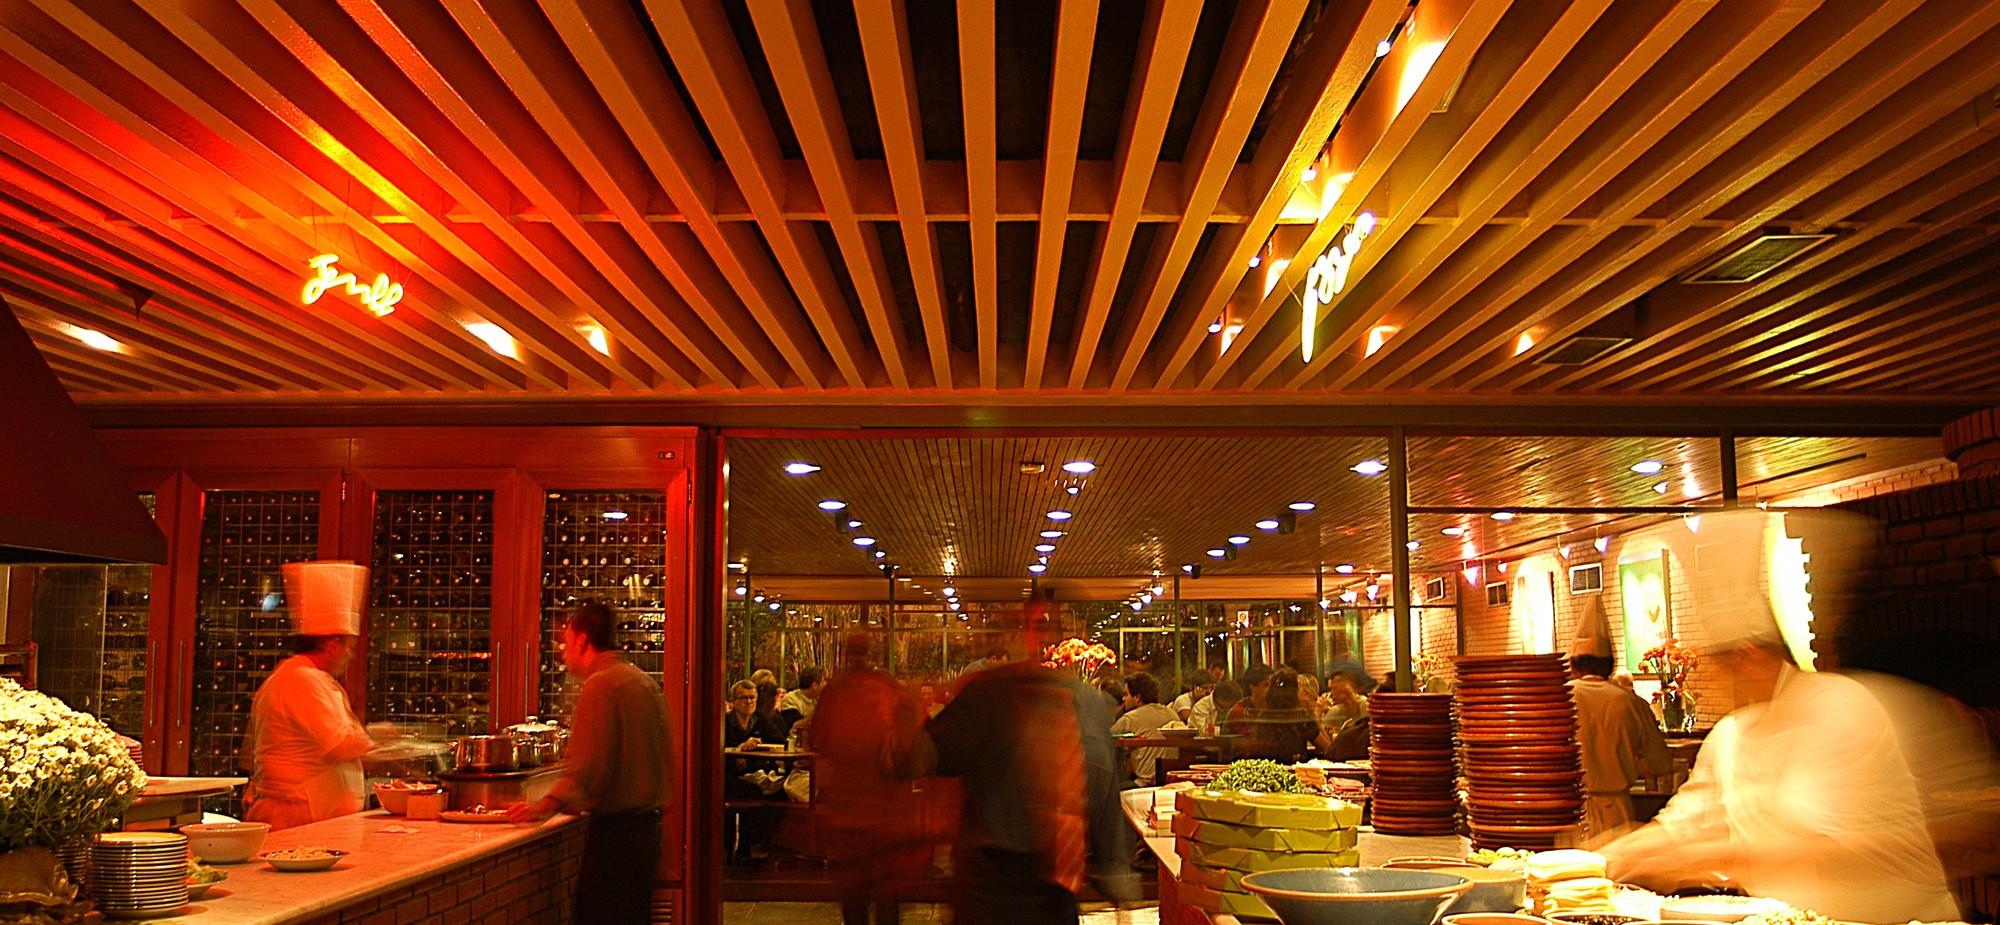 home_restaurante-2000x925